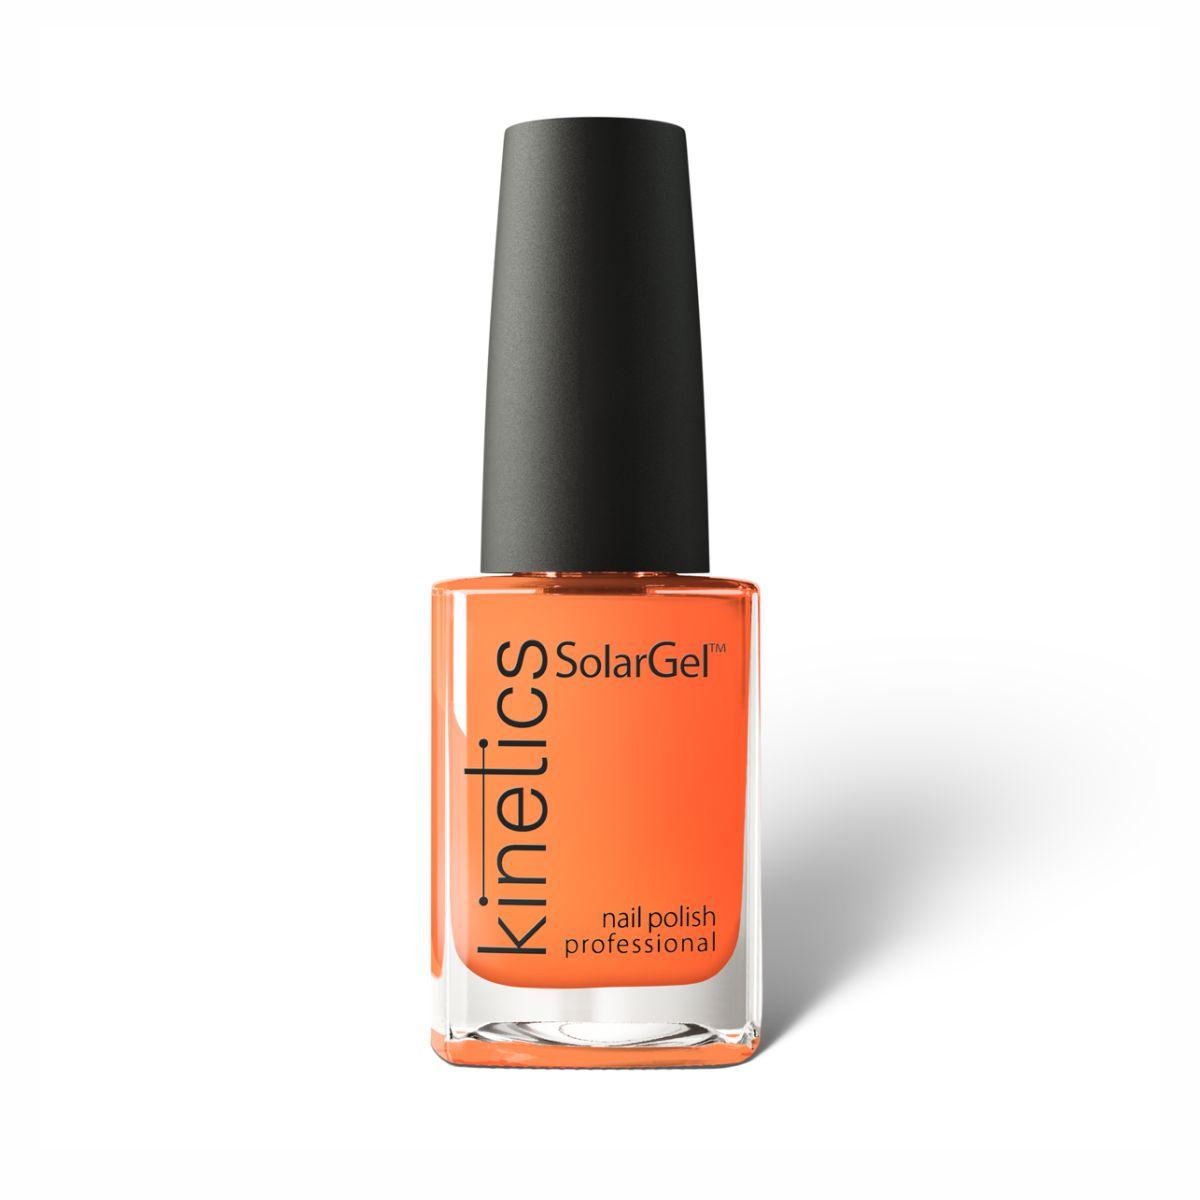 цены на Лак для ногтей Kinetics SolarGel Polish, профессиональный, тон 431, 15 мл  в интернет-магазинах